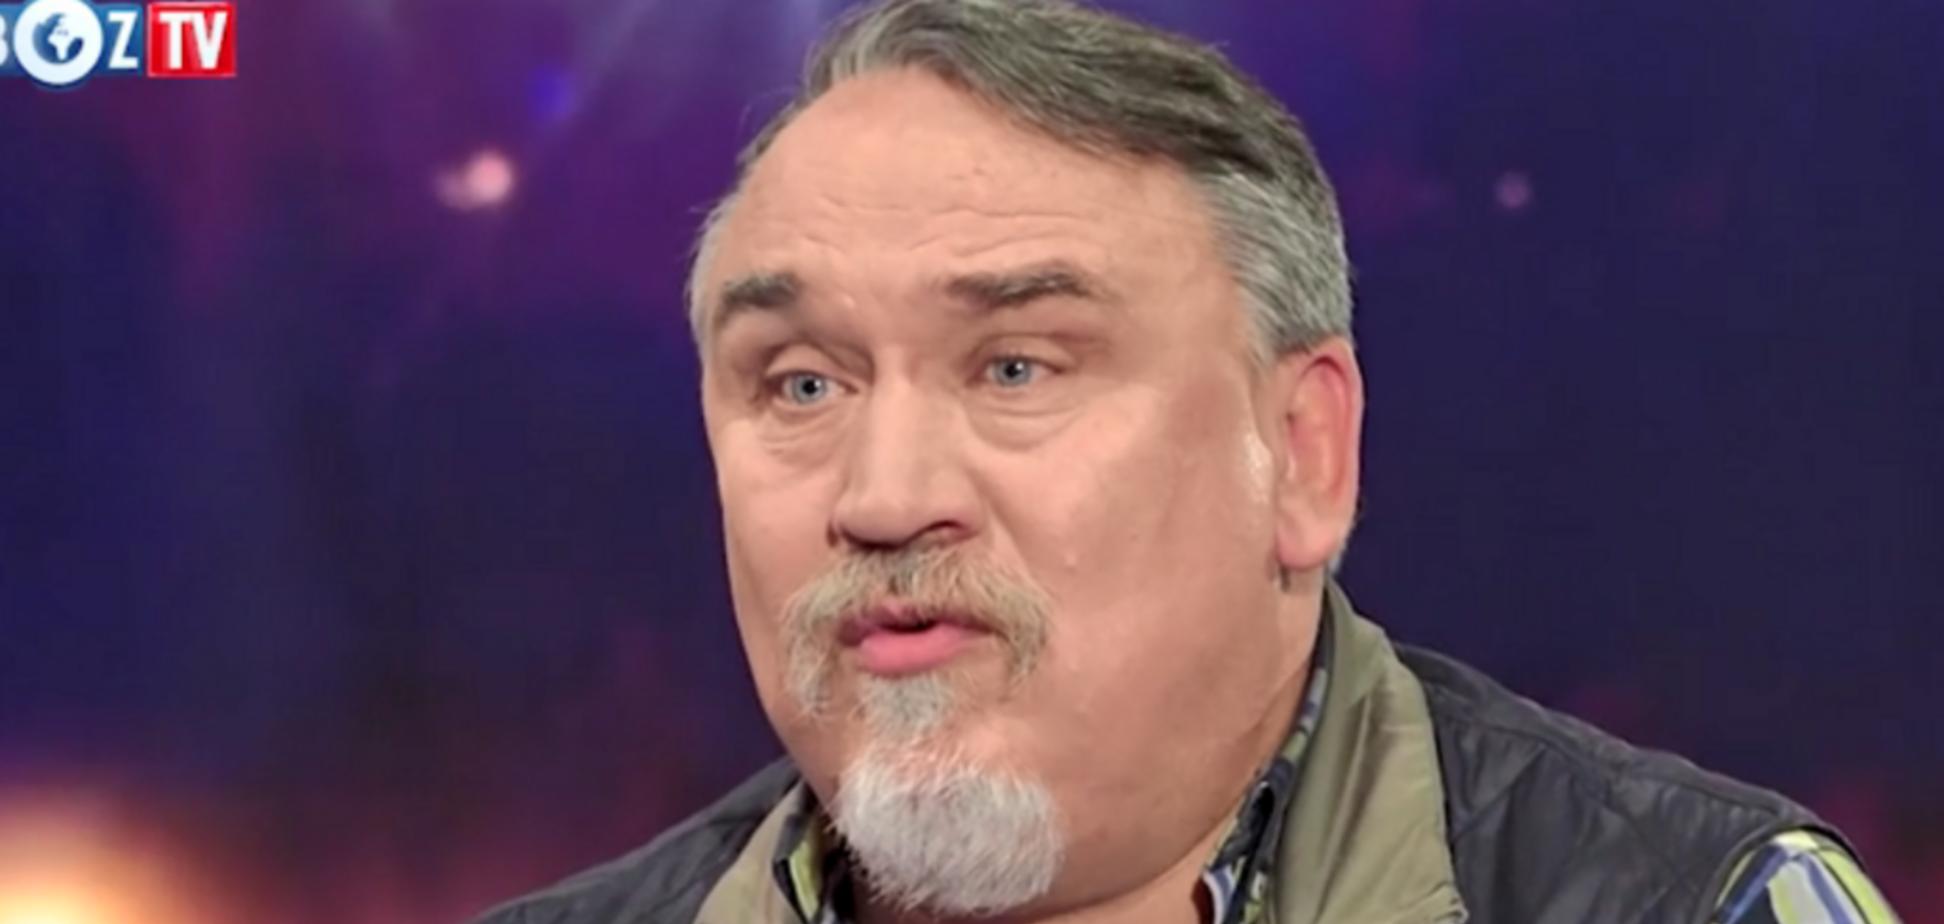 'Ідіть до чорта, у нас людей вбивають!' Український письменник жорстко висловився про мовний закон